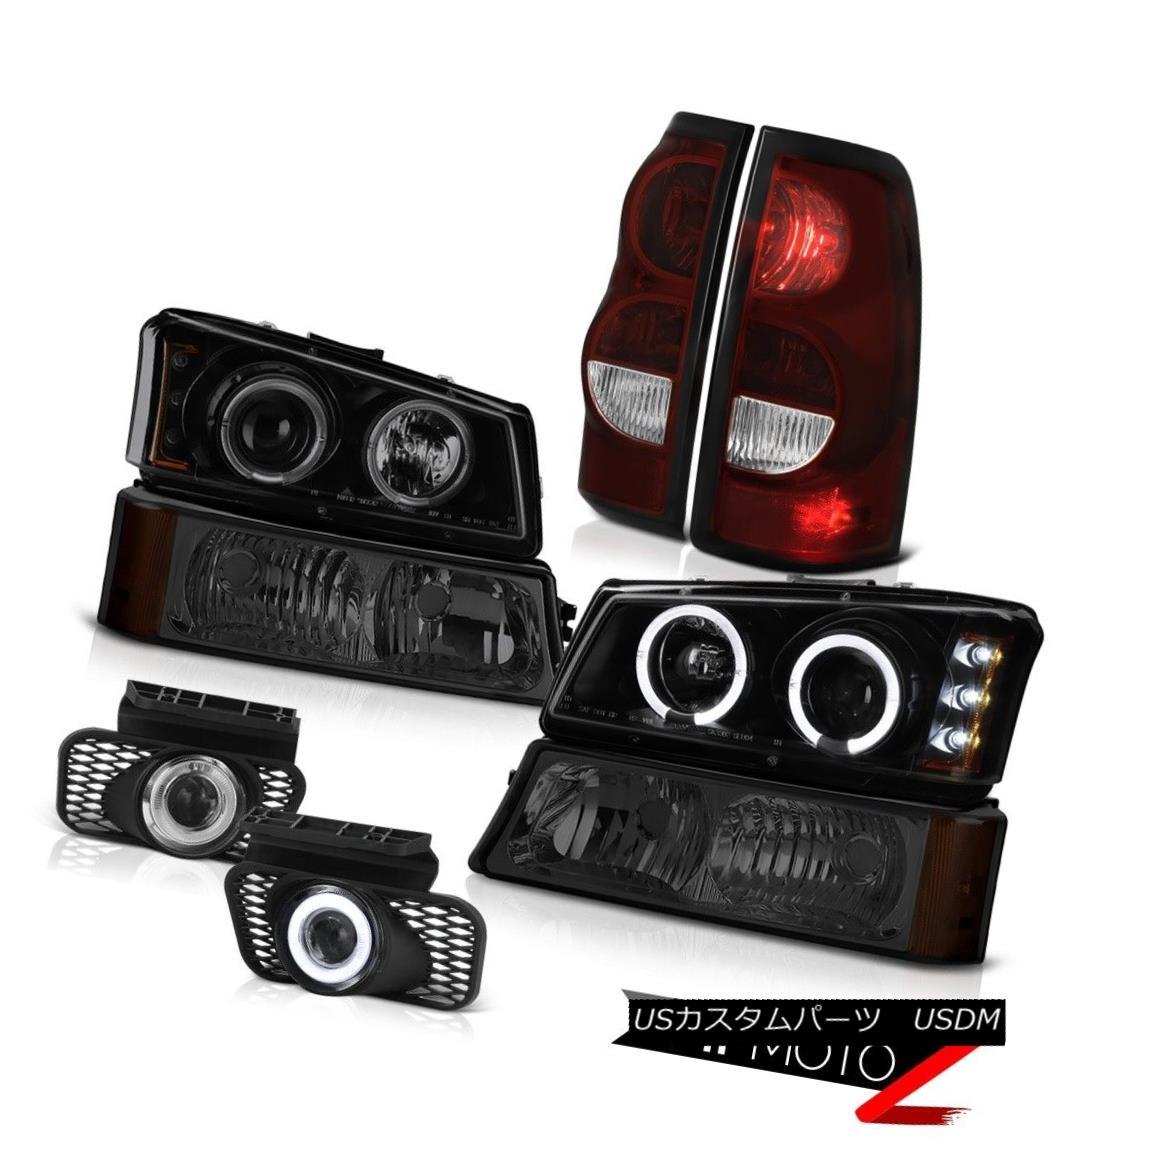 テールライト 03-06 Chevy Silverado Chrome Foglamps Rear Brake Lamps Parking Lamp Headlights 03-06 Chevy Silverado Chrome Foglampsリアブレーキランプパーキングランプヘッドライト